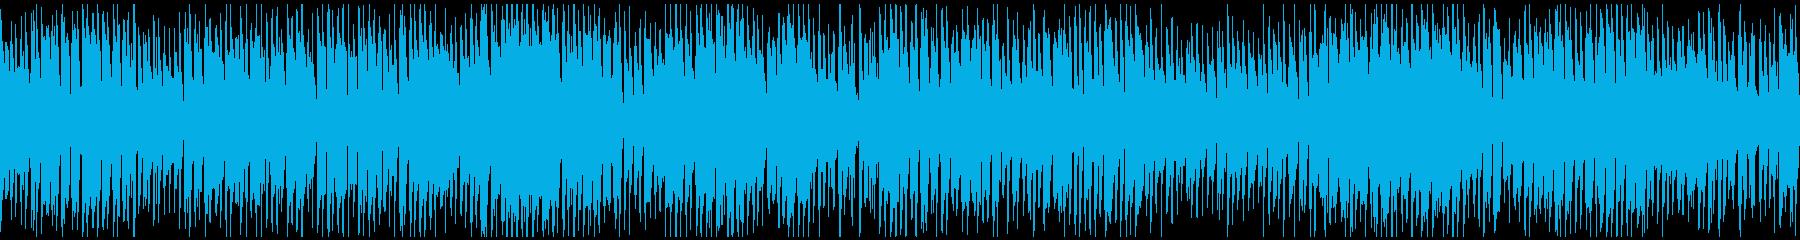 大騒ぎコメディ、どたばた早い曲※ループ版の再生済みの波形